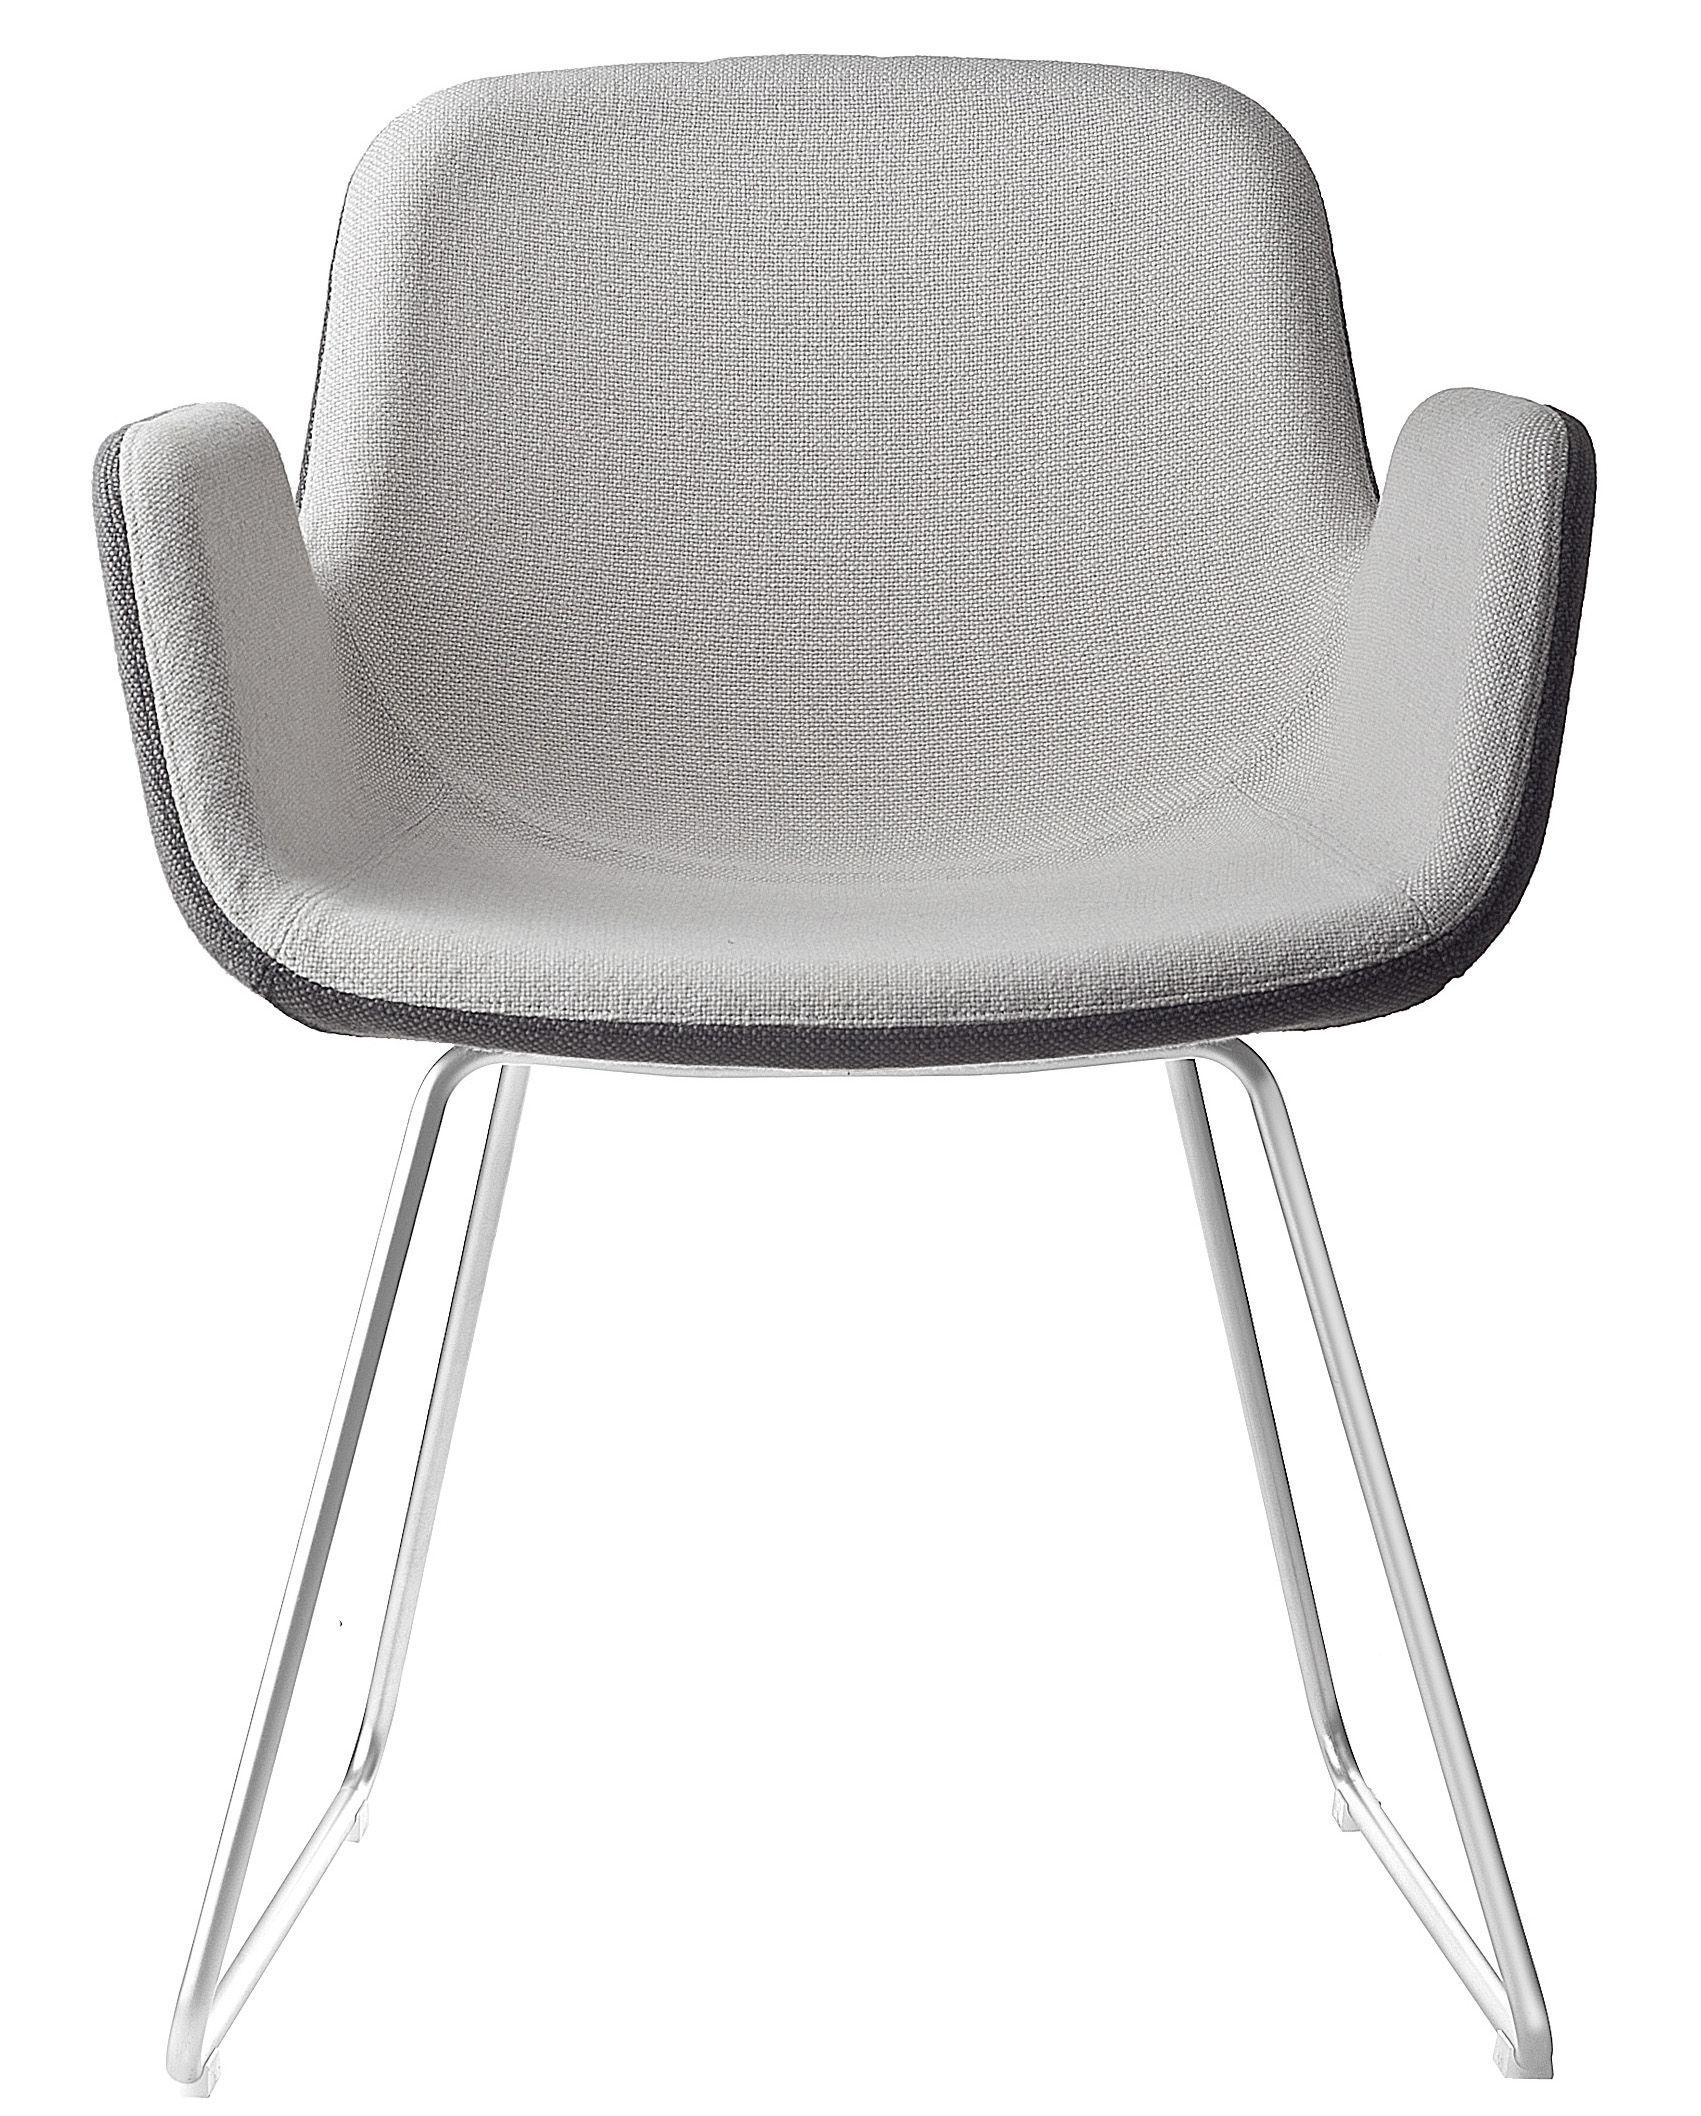 Möbel - Stühle  - Pass Gepolsterter Sessel / Kufengestell - Stoff - Lapalma - Sitzfläche: Innenseite mit hellgrauem Stoffbezug / Außenseite mit dunkelgrauem Stoffbezug - Fußgestell Edelstahl - Gewebe, mattierter rostfreier Stahl